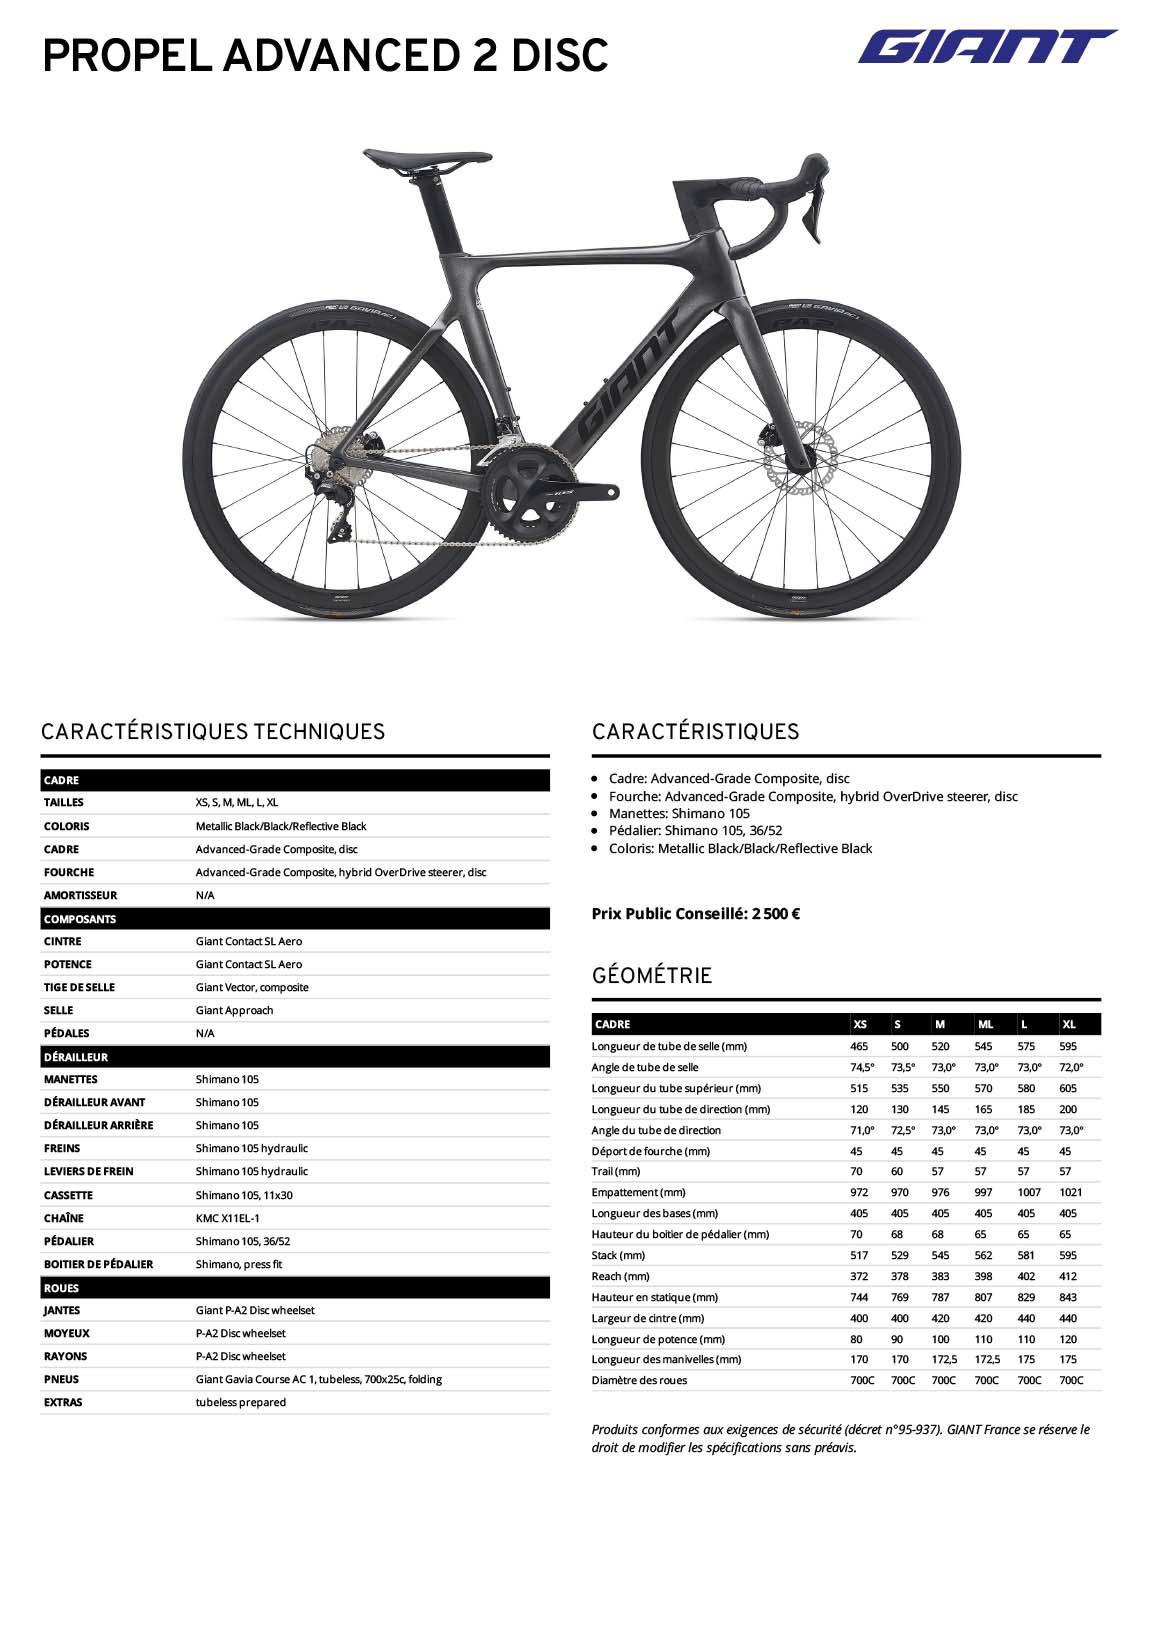 Fiche technique vélo Giant Propel Advanced 2 Disc 2021